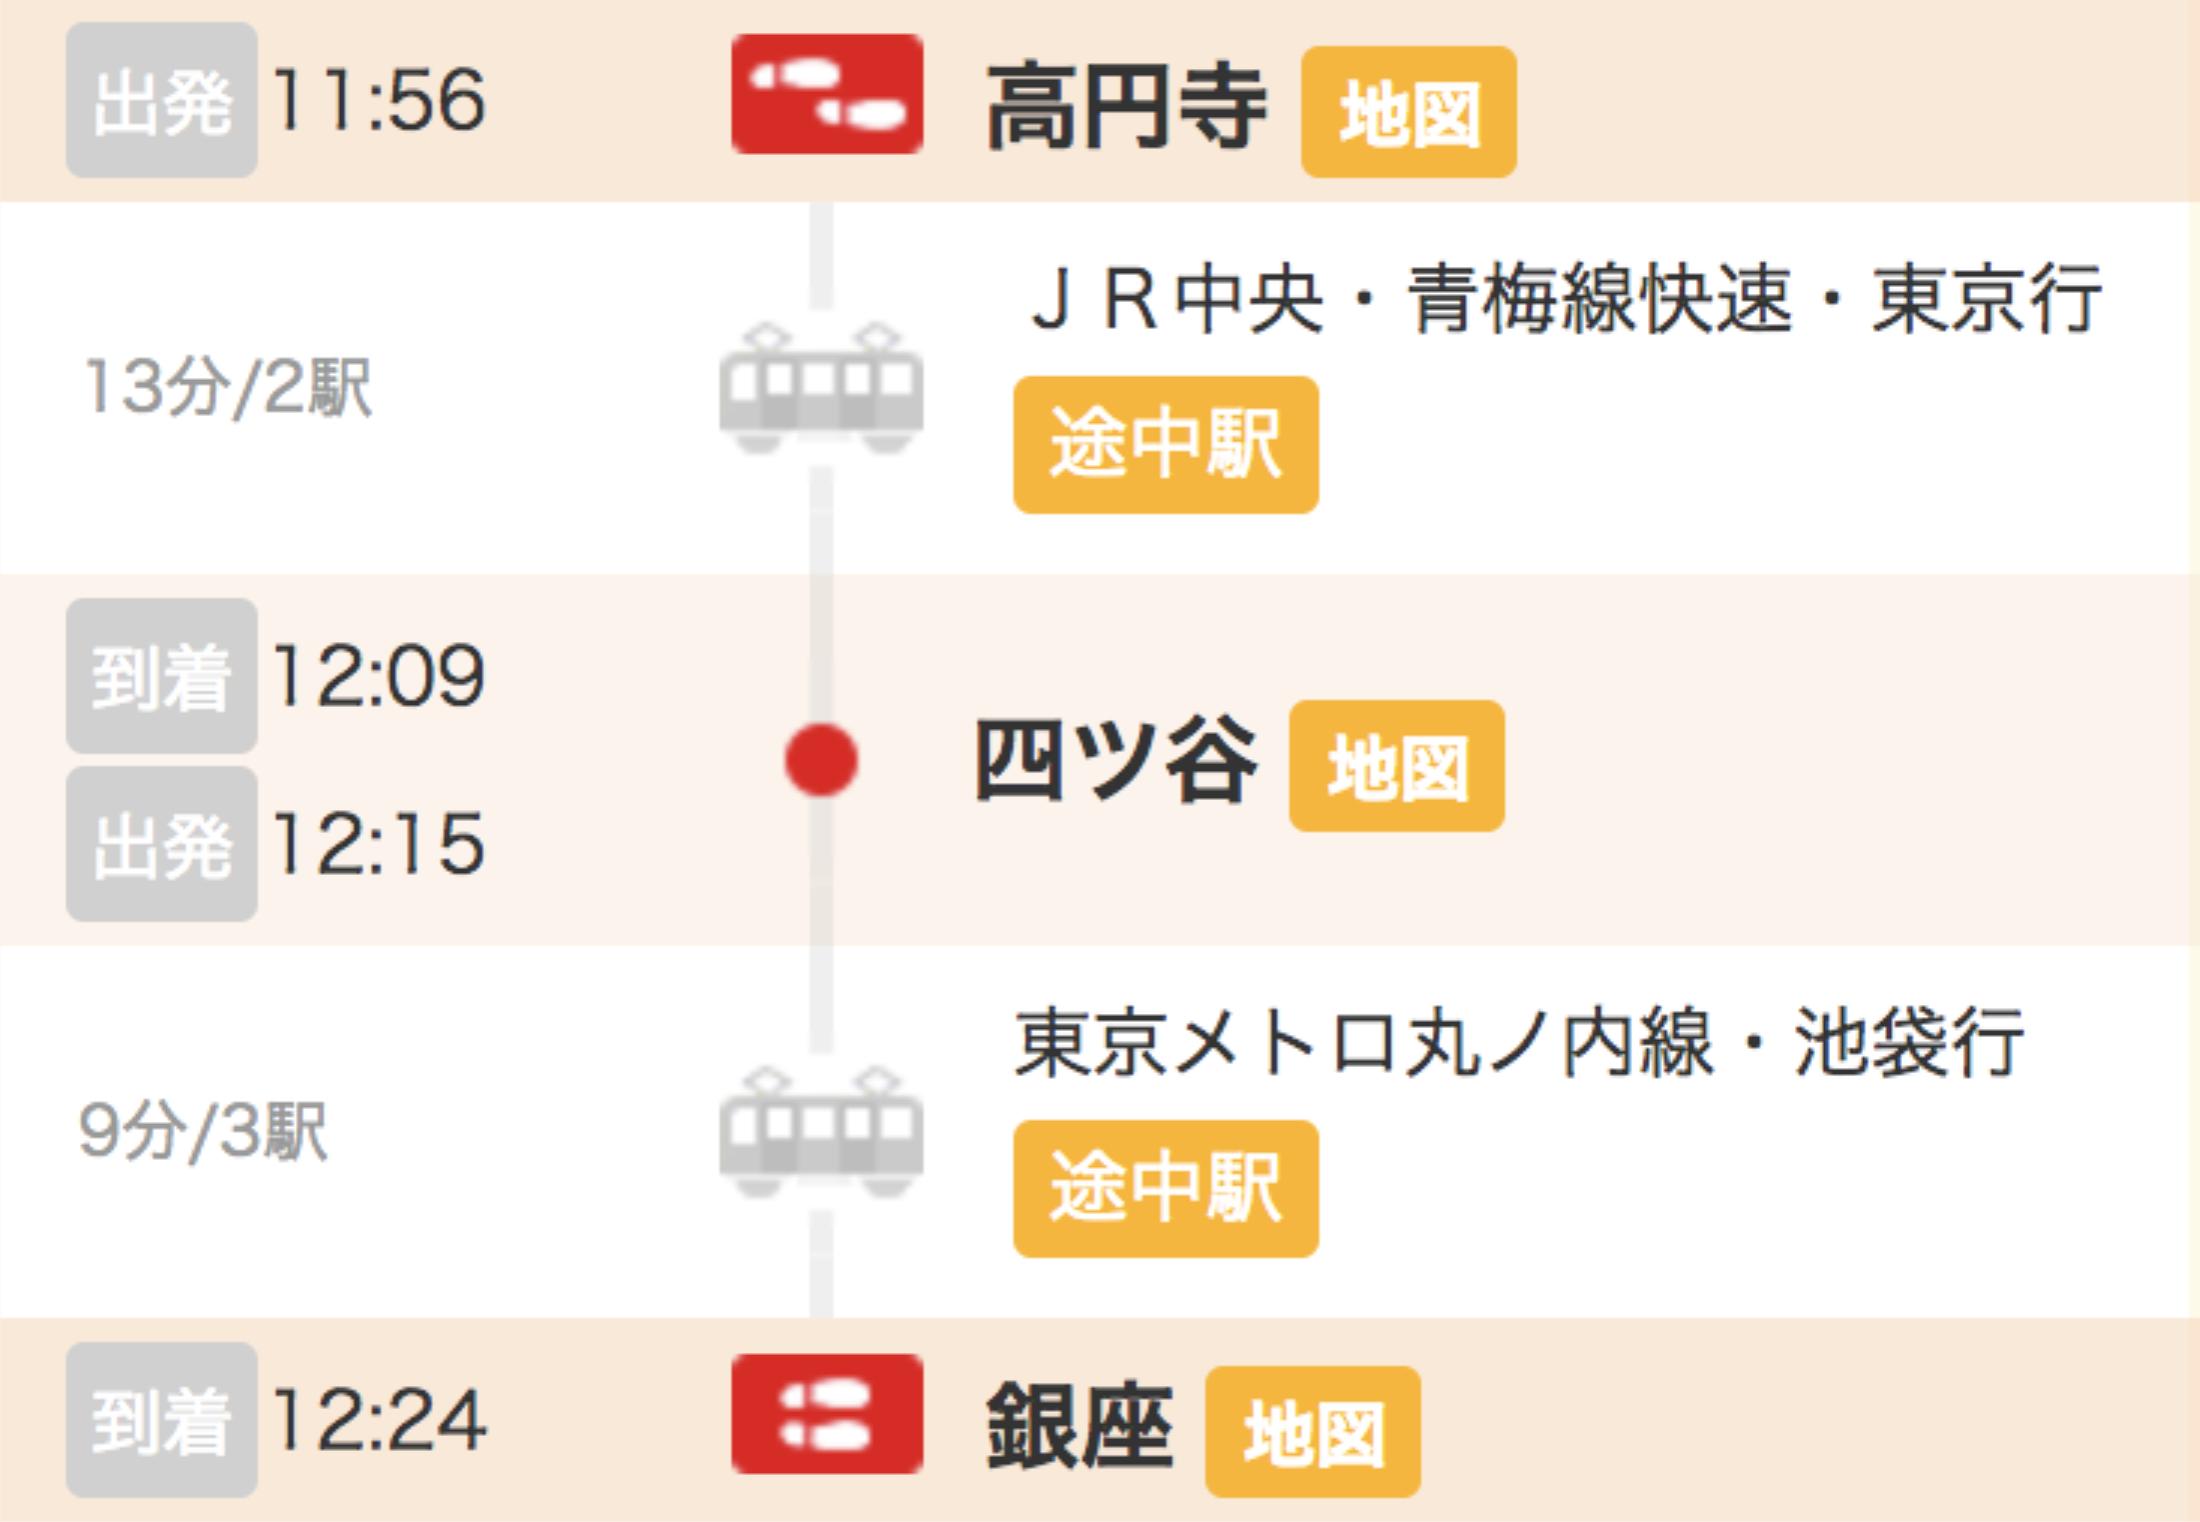 メトロ 定期 払い戻し 東京 券